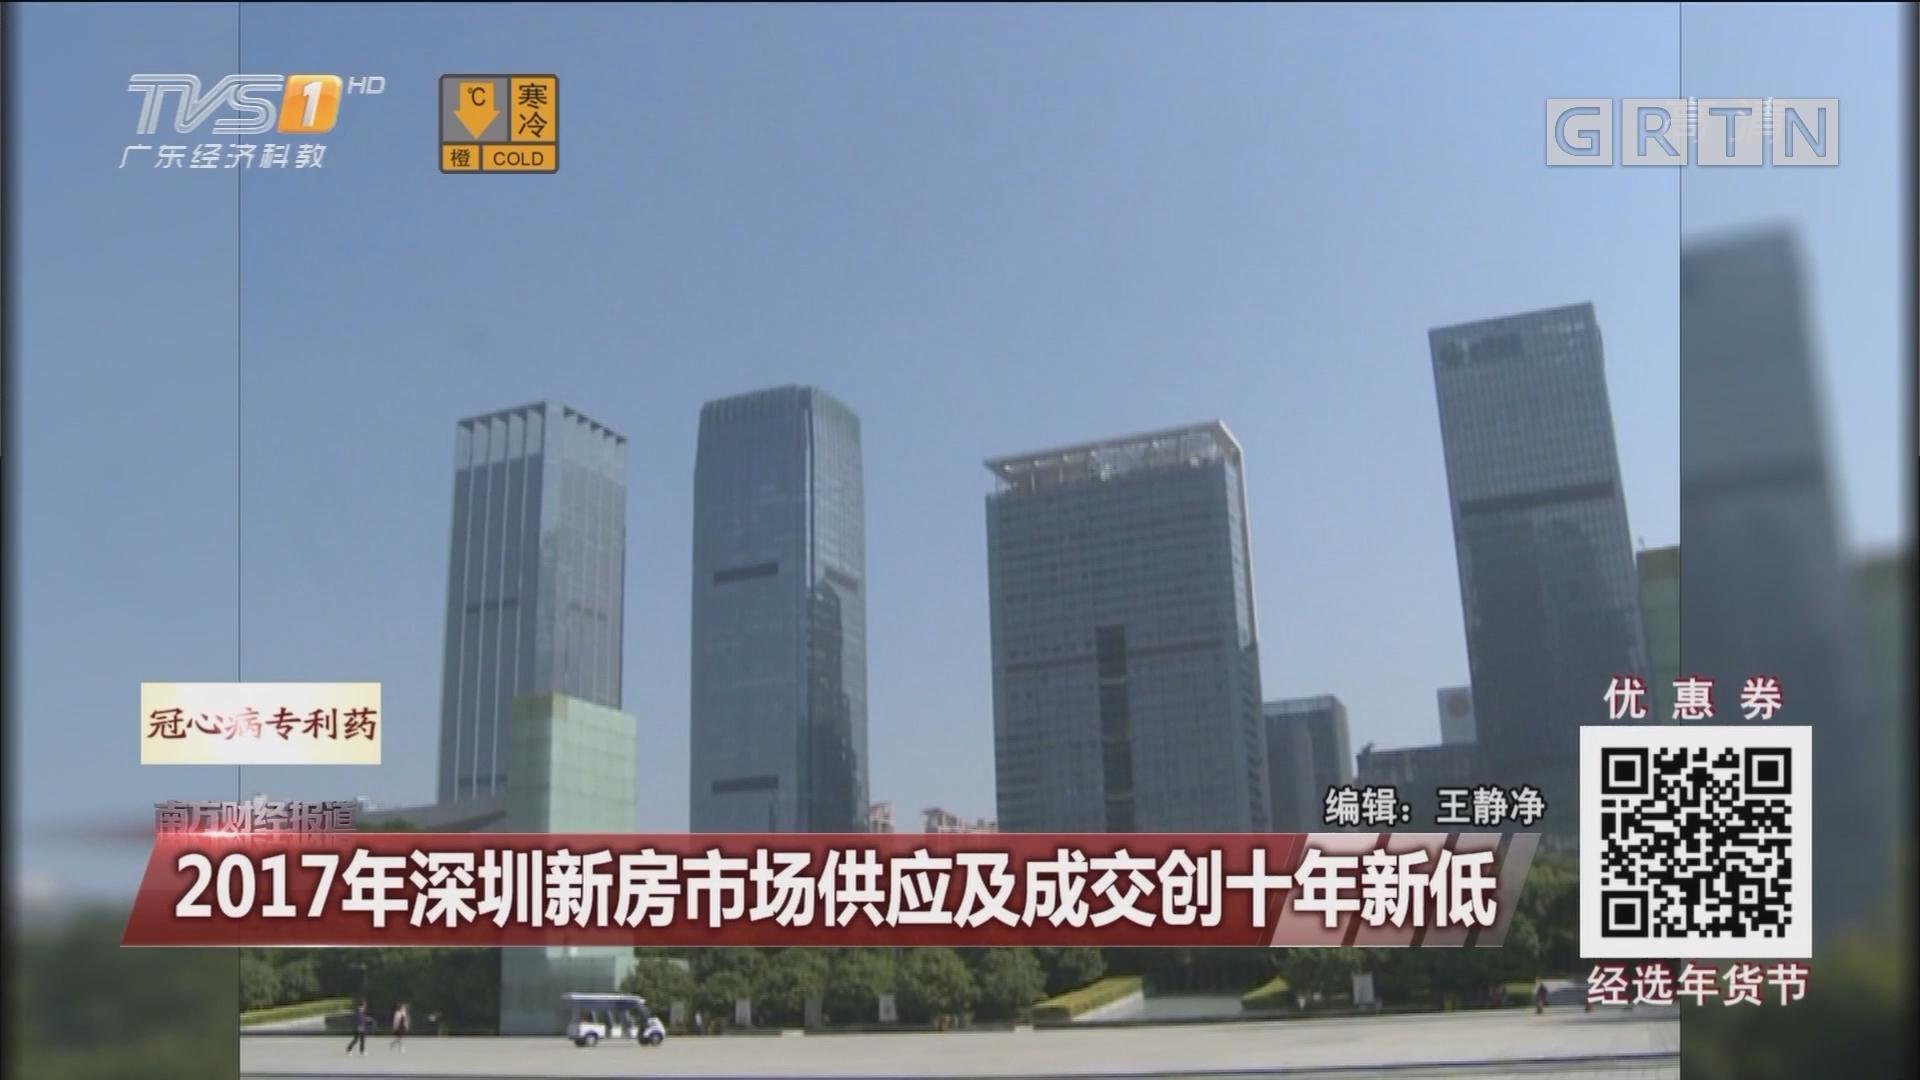 2017年深圳新房市场供应及成交创十年新低